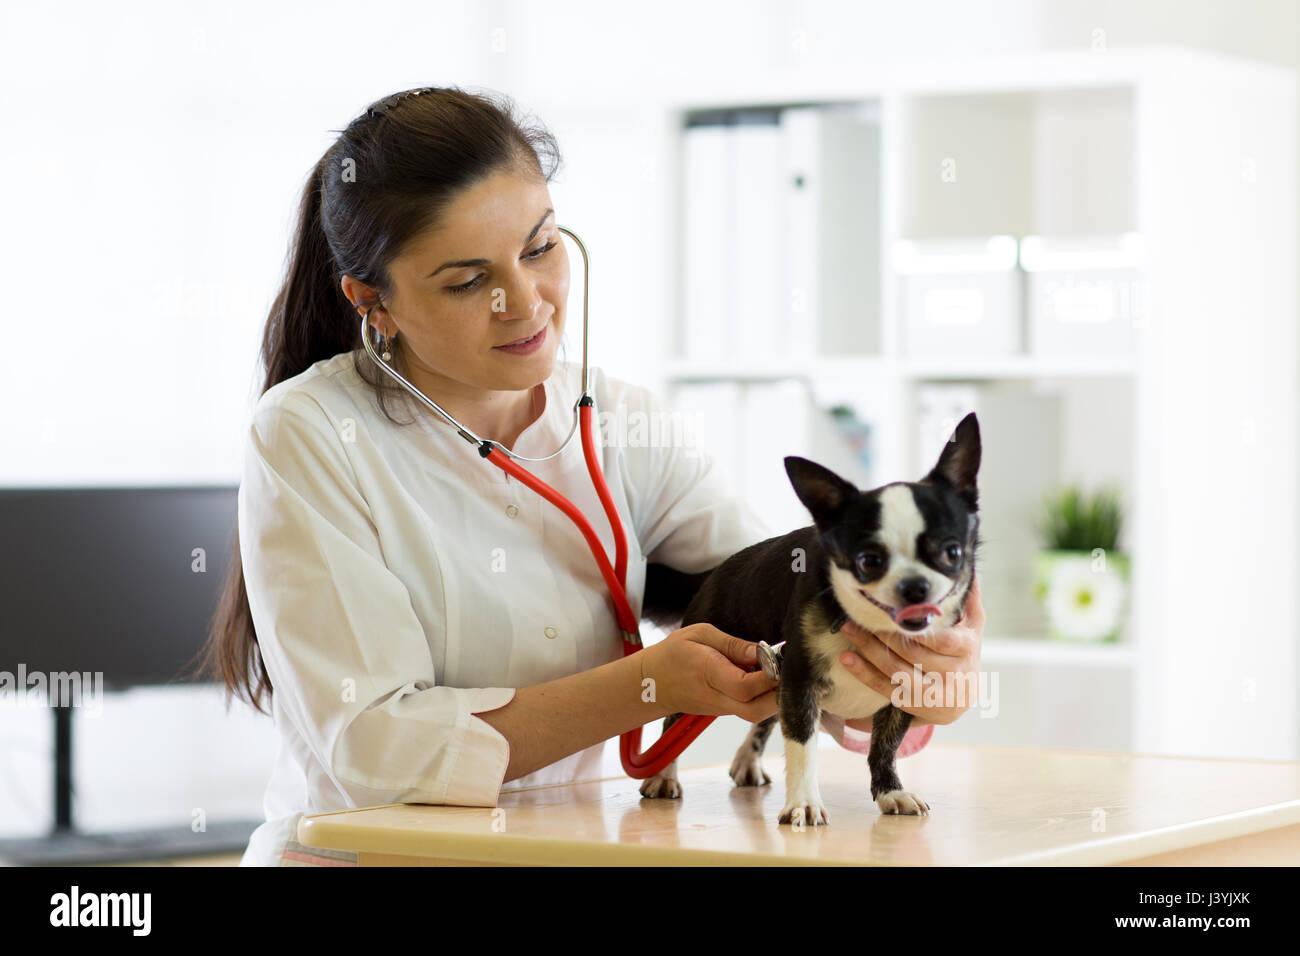 Veterinarian doctor and Chihuahua dog at vet ambulance Stock Photo